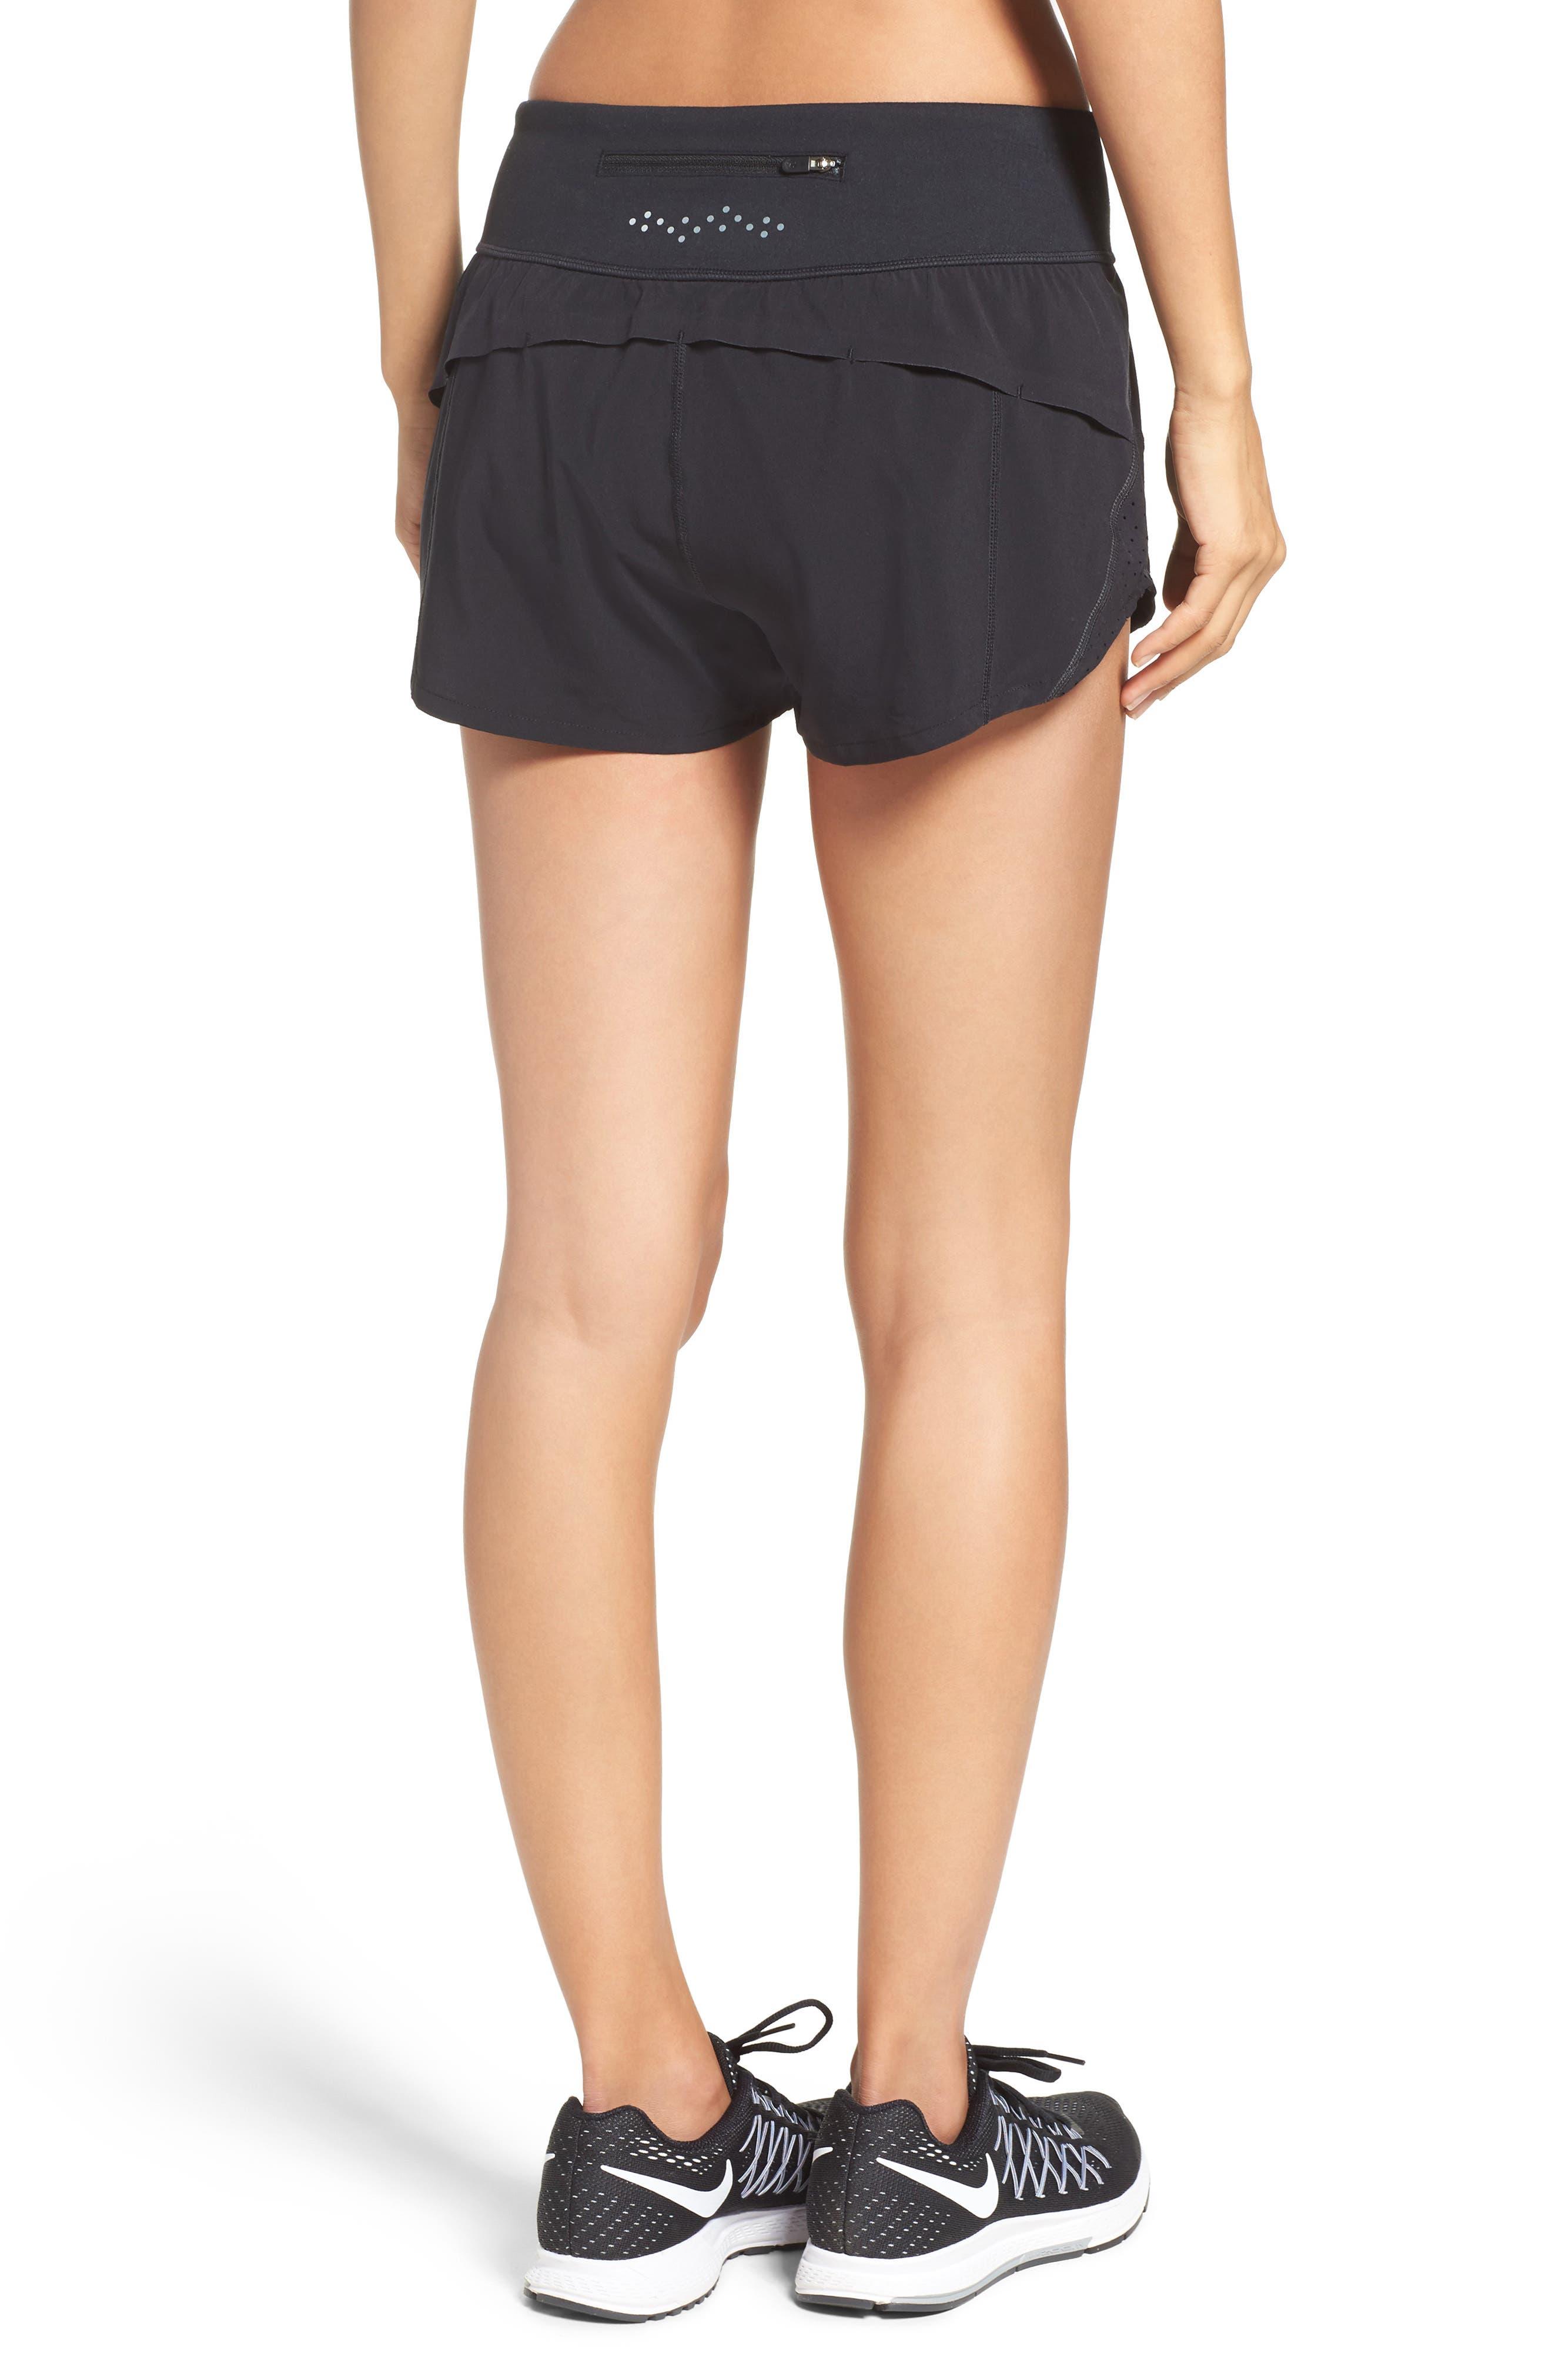 Runaround Compact Shorts,                             Alternate thumbnail 2, color,                             001